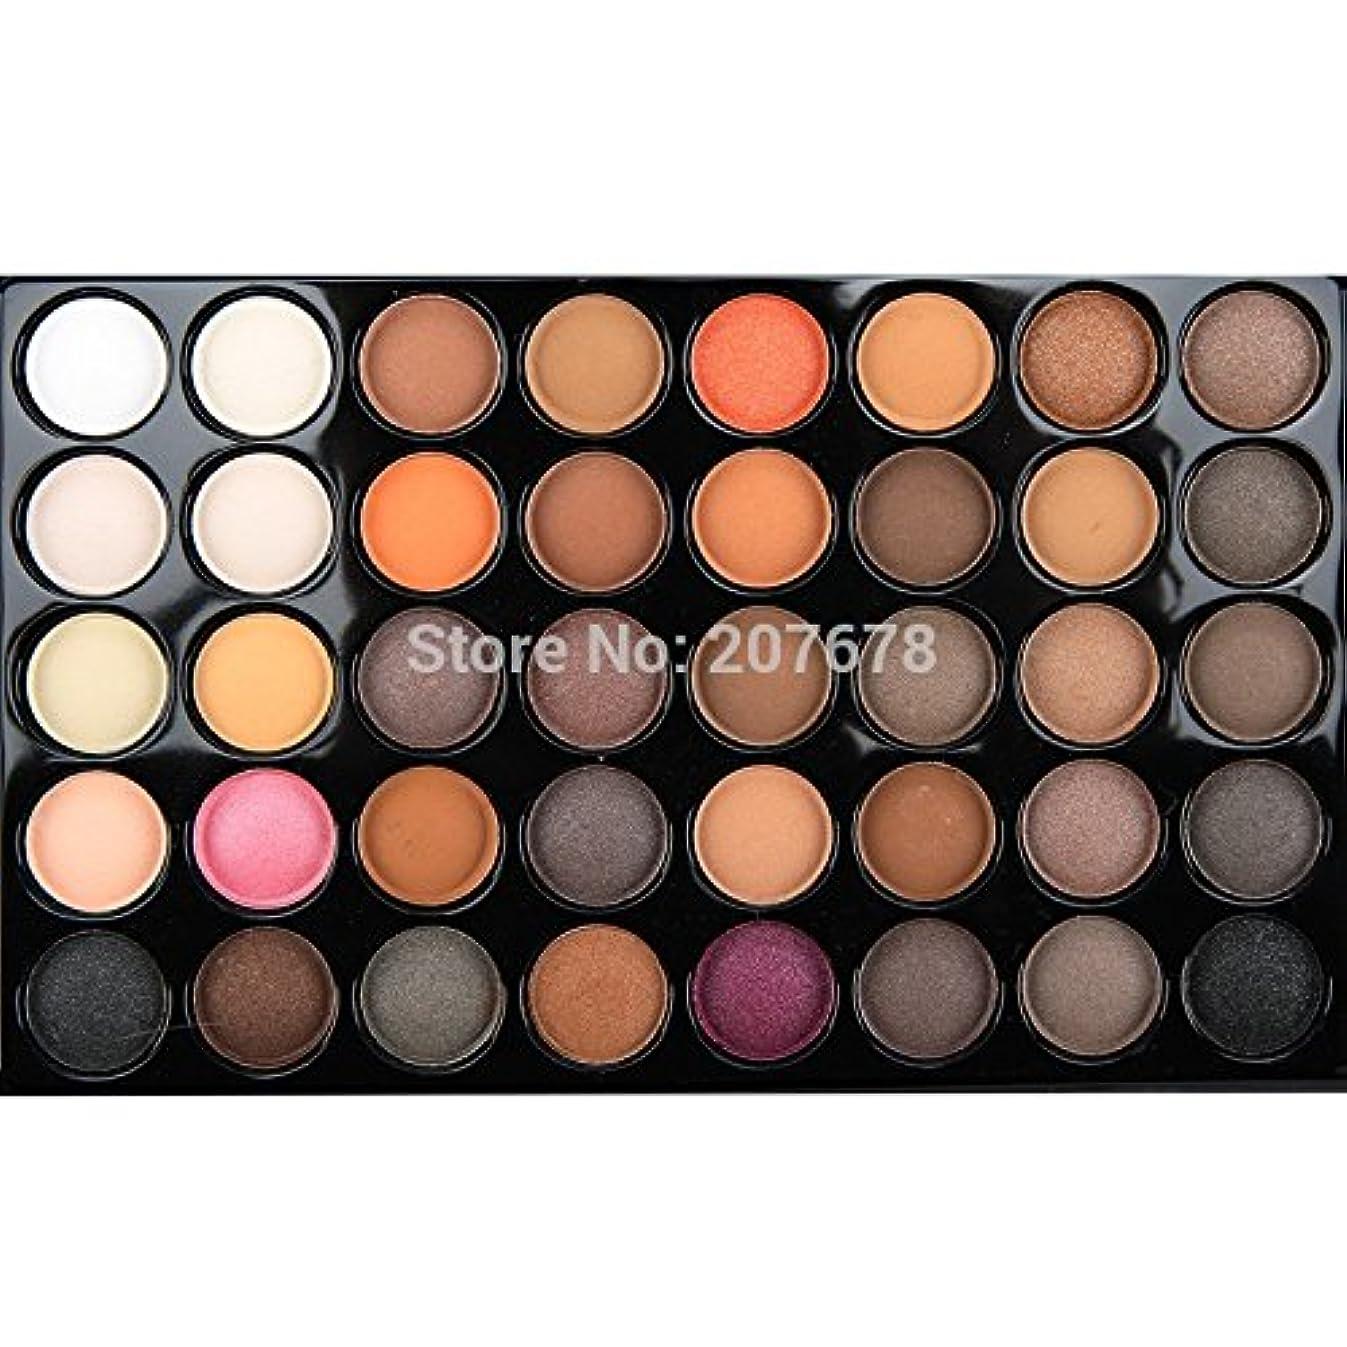 辞書気づくなる立ち寄る40 Color Matte Eyeshadow Pallete Make Up Palette Eye Shadow Glitter Natural Easy to Wear Waterproof Lasting Makeup...